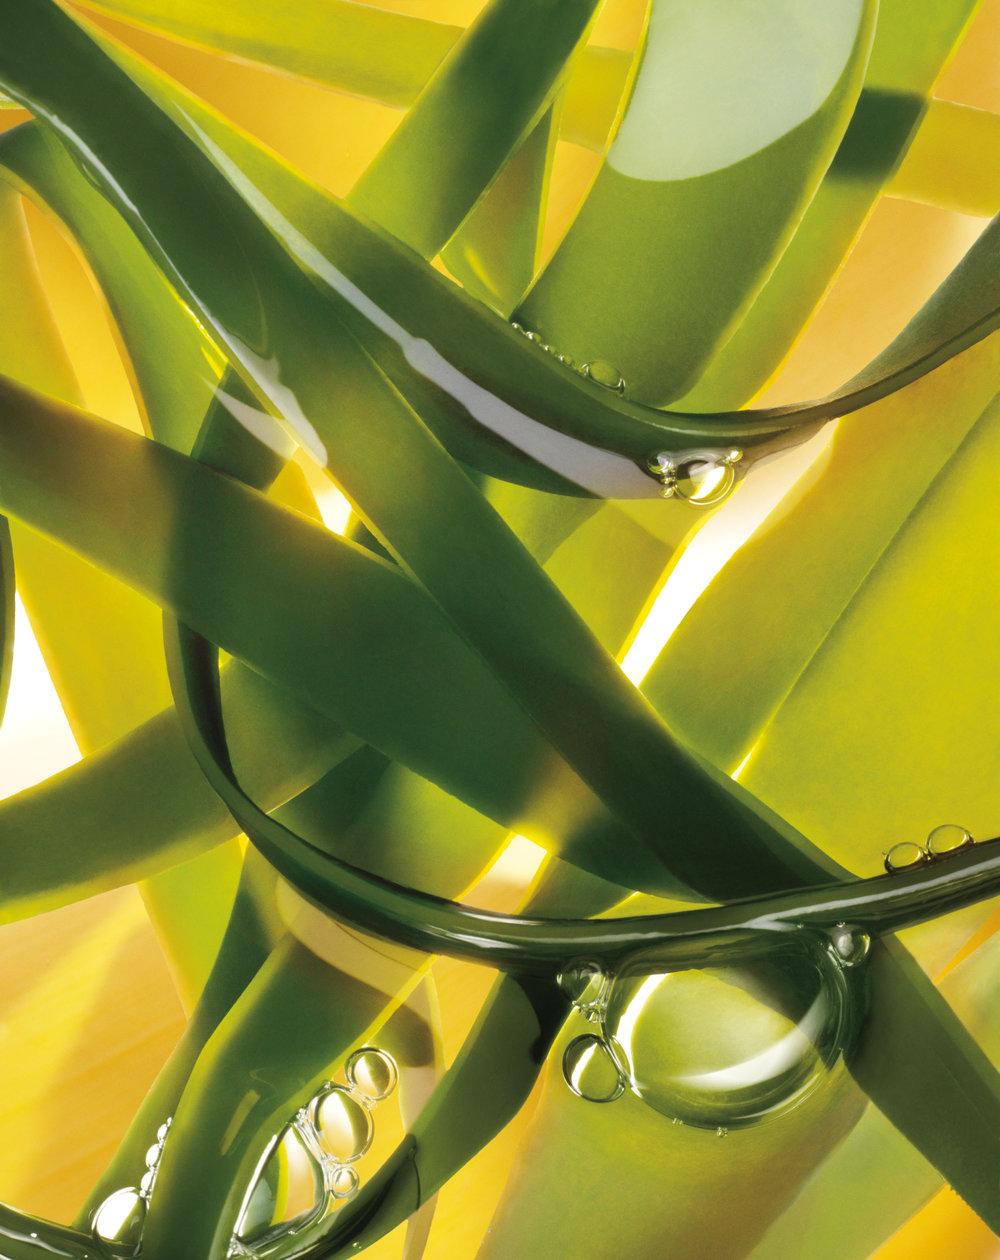 K_seaweed_3_302_b.jpg